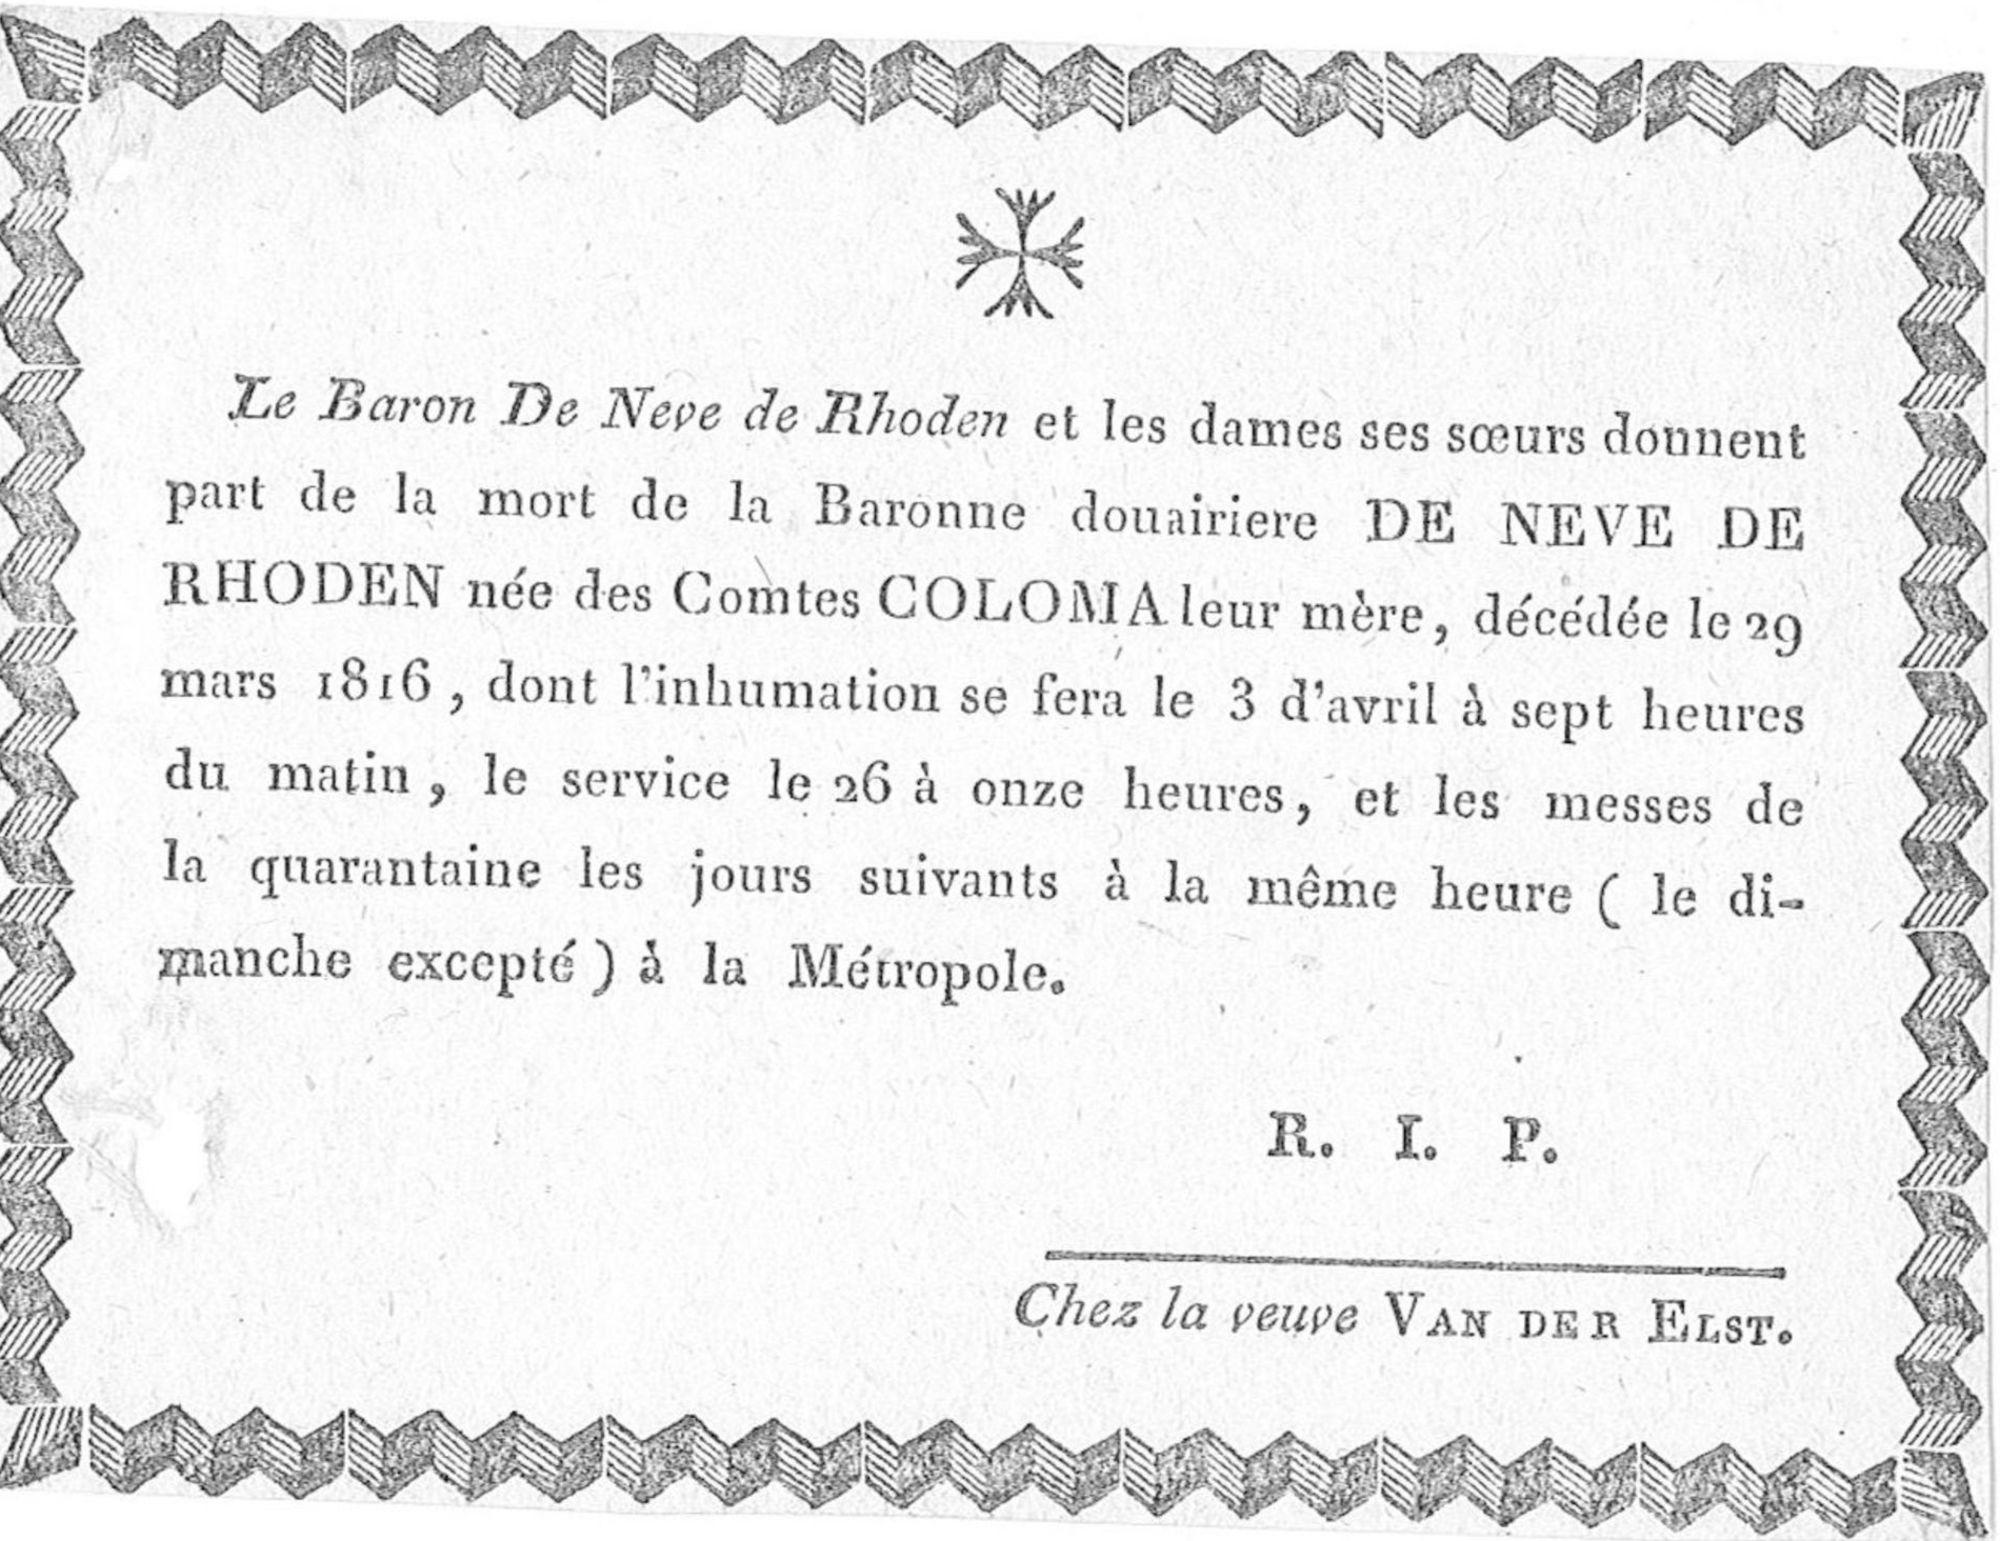 Barones Douairière De Neve de Rhoden